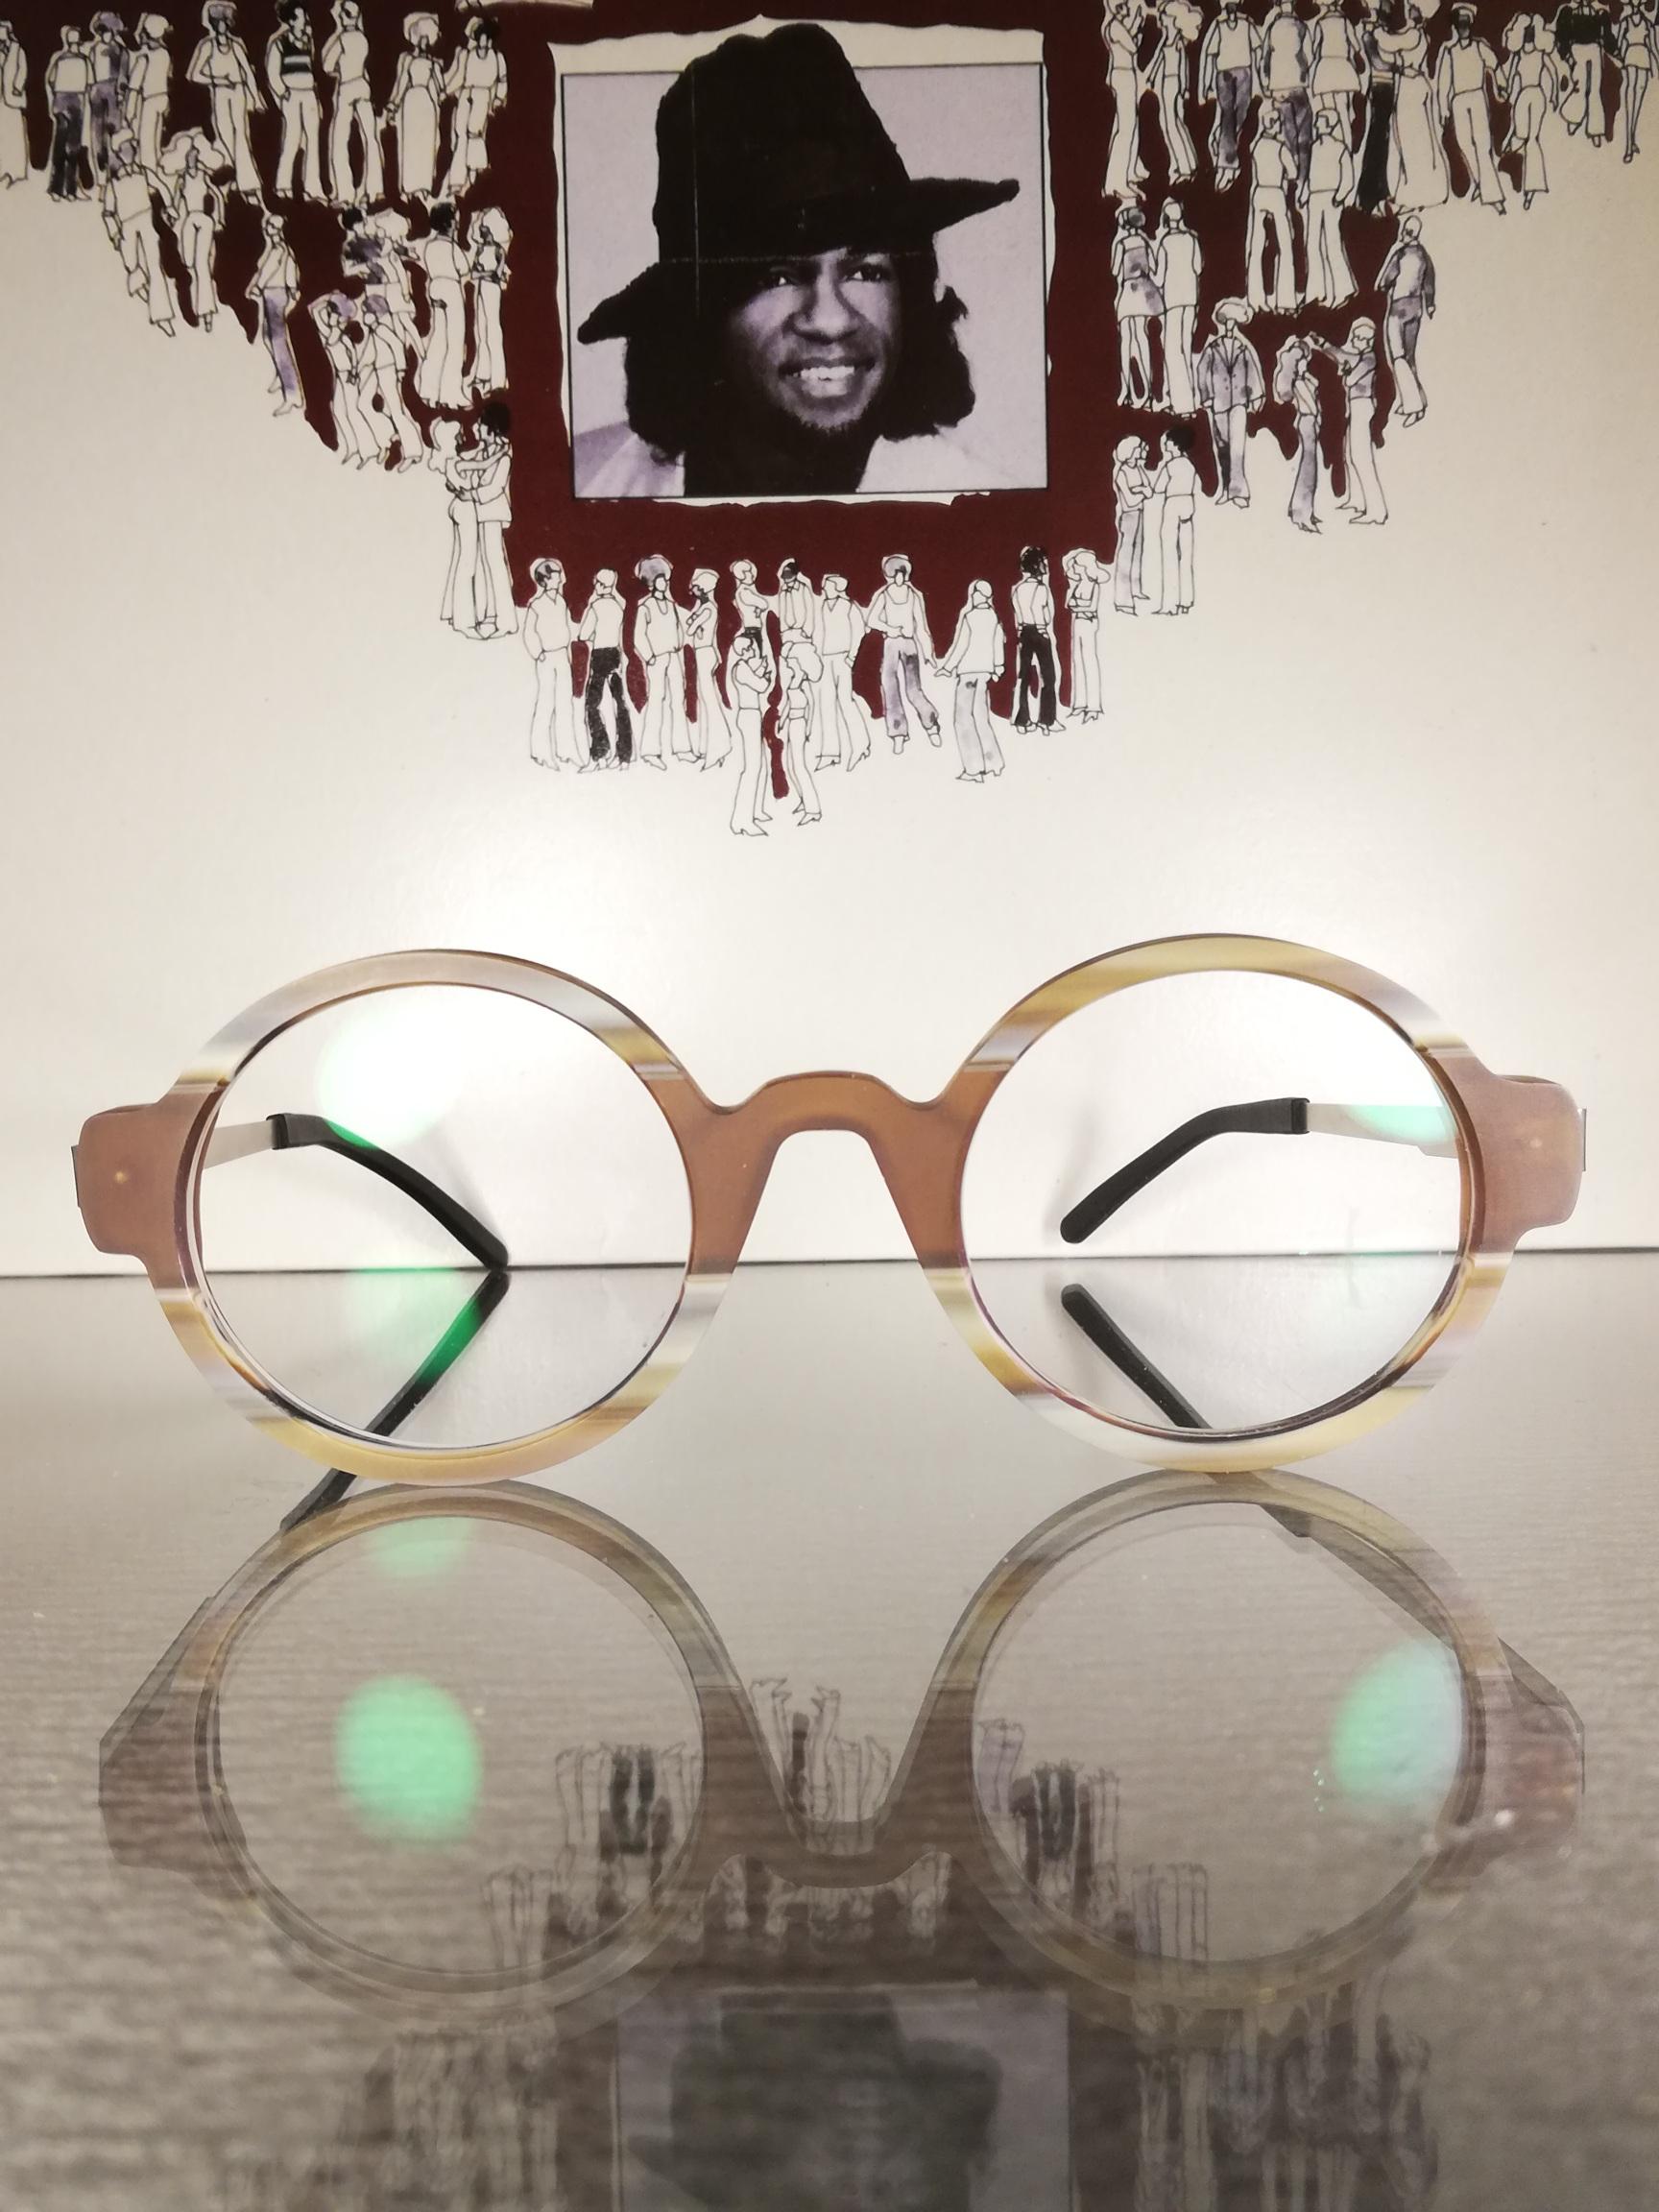 unikat brille aus kombiniertem acetat an edelstahlbügel. exclusiv in reiner handarbeit.